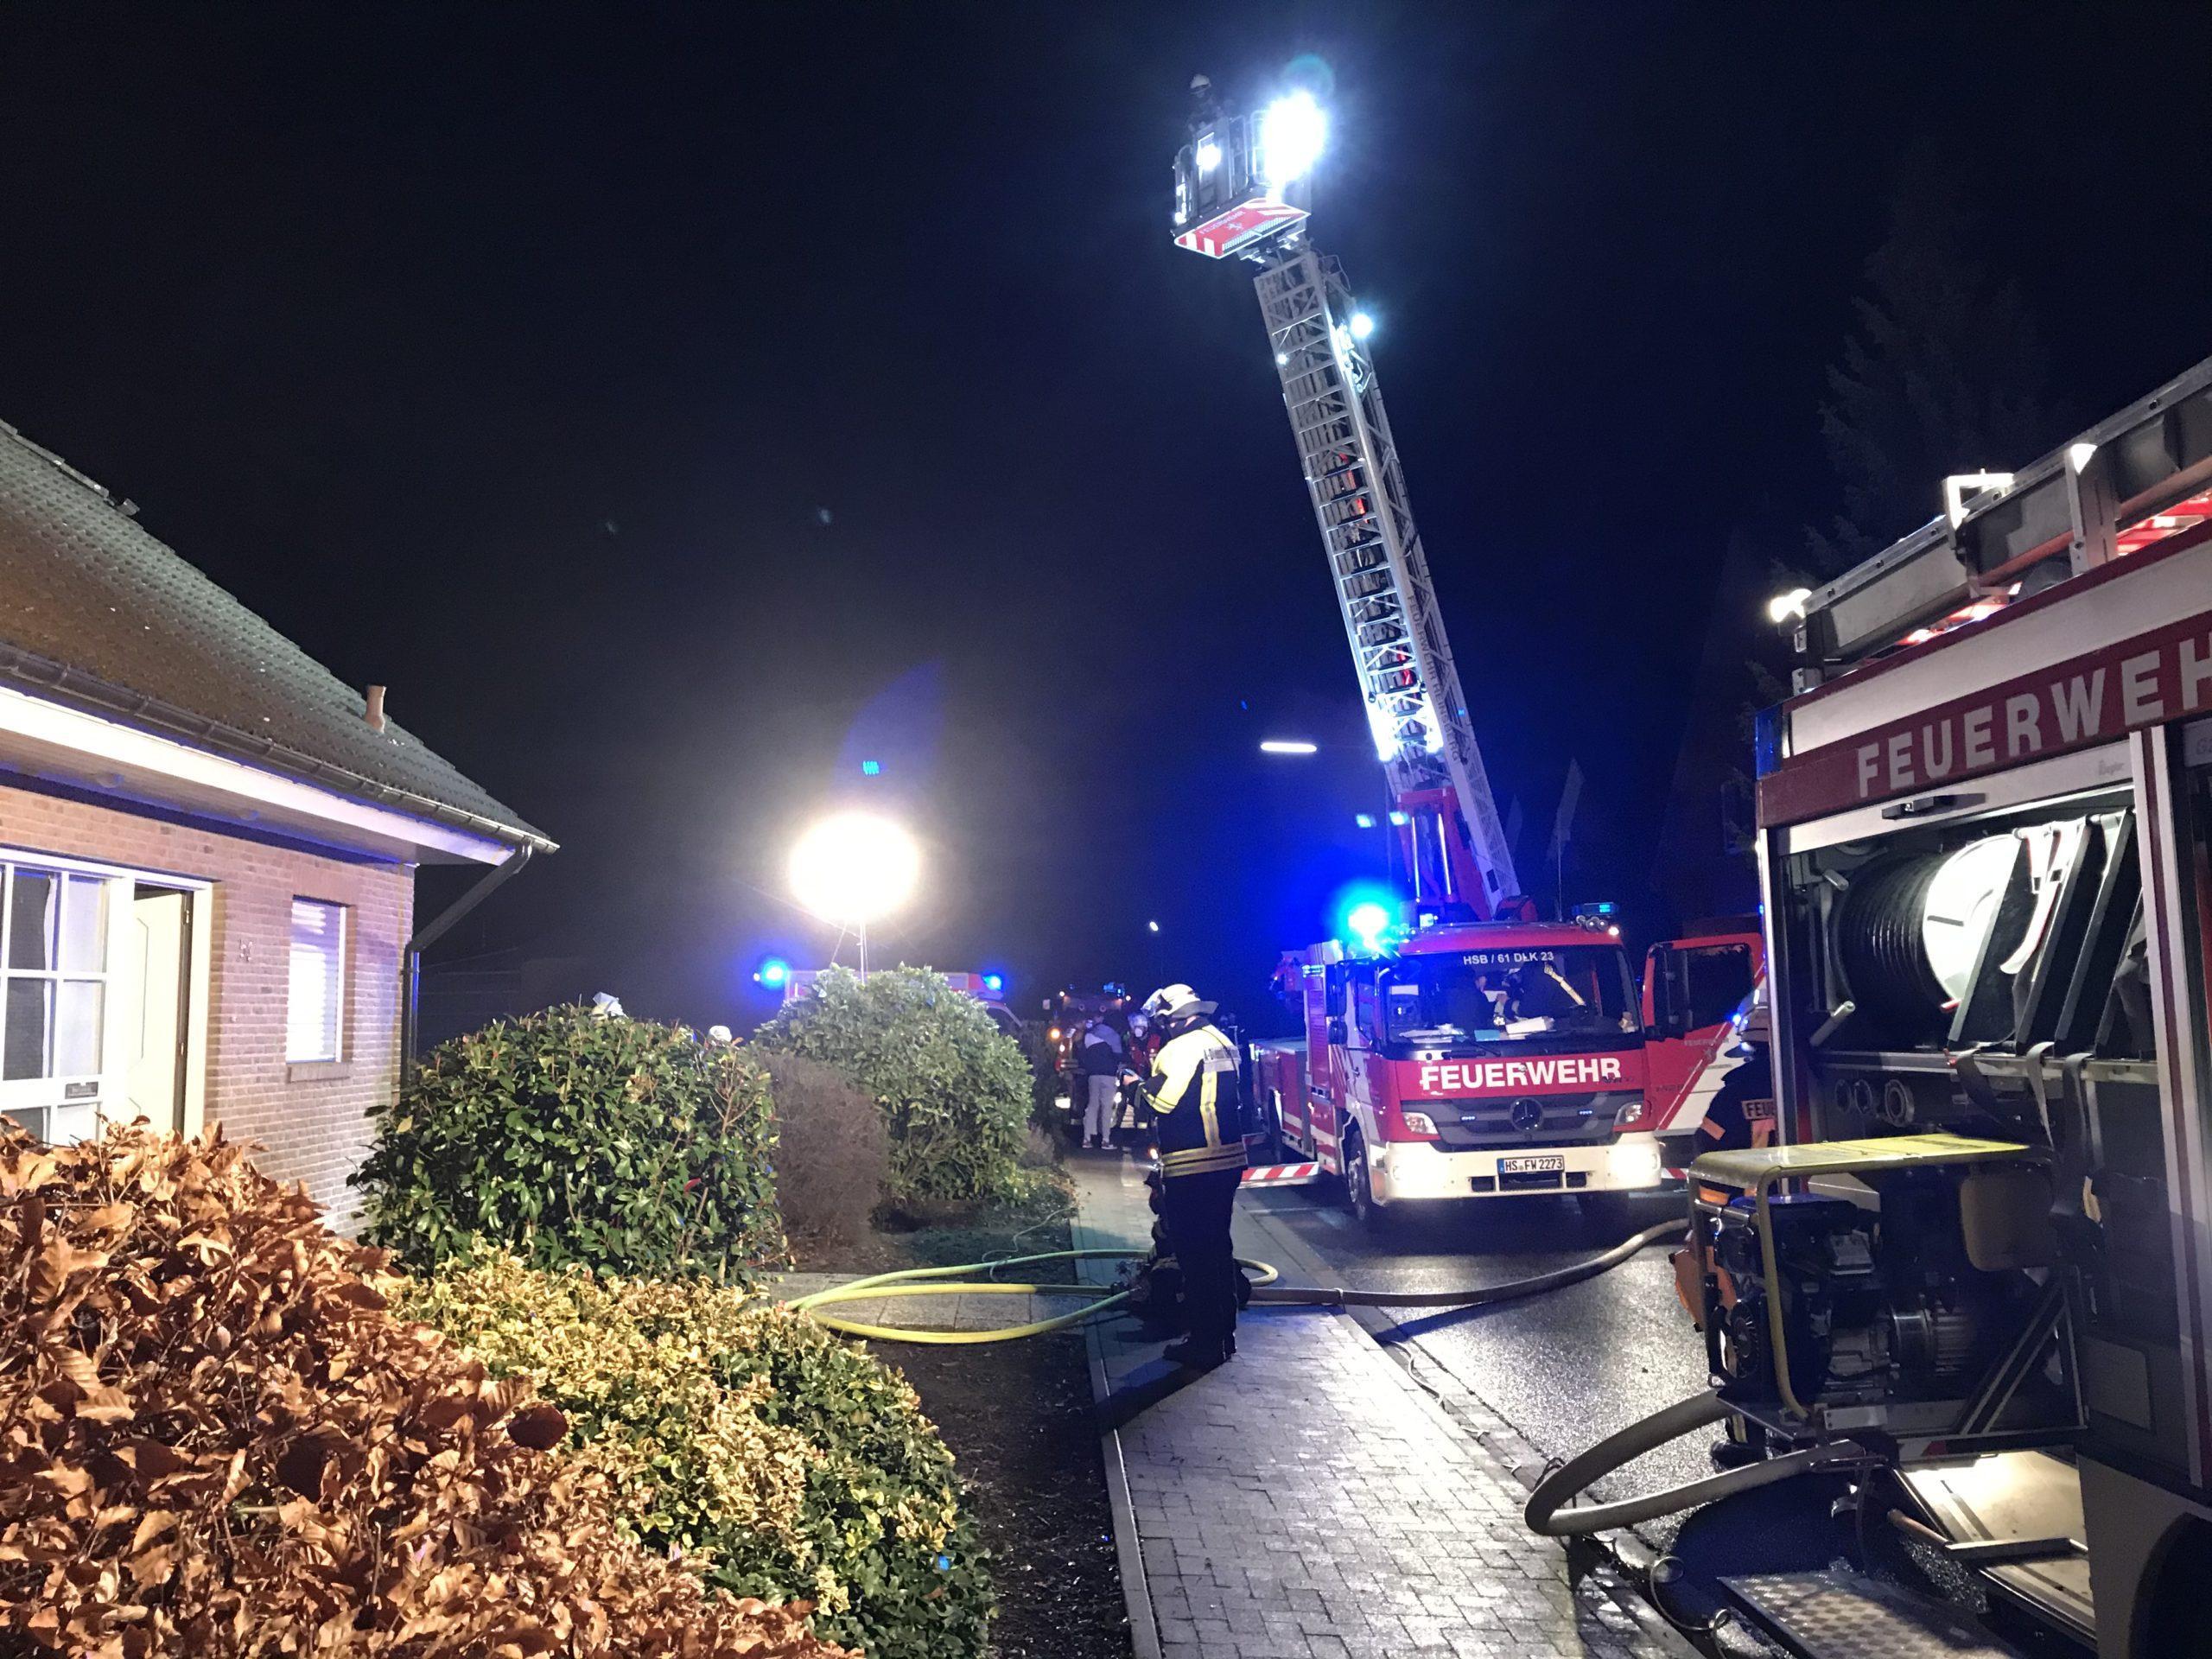 <p>Um kurz nach vier Uhr wurden die Löscheinheiten Haaren und Obspringen sowie die Drehleiter aus Heinsberg zu einem Kellerbrand alarmiert. […]</p>